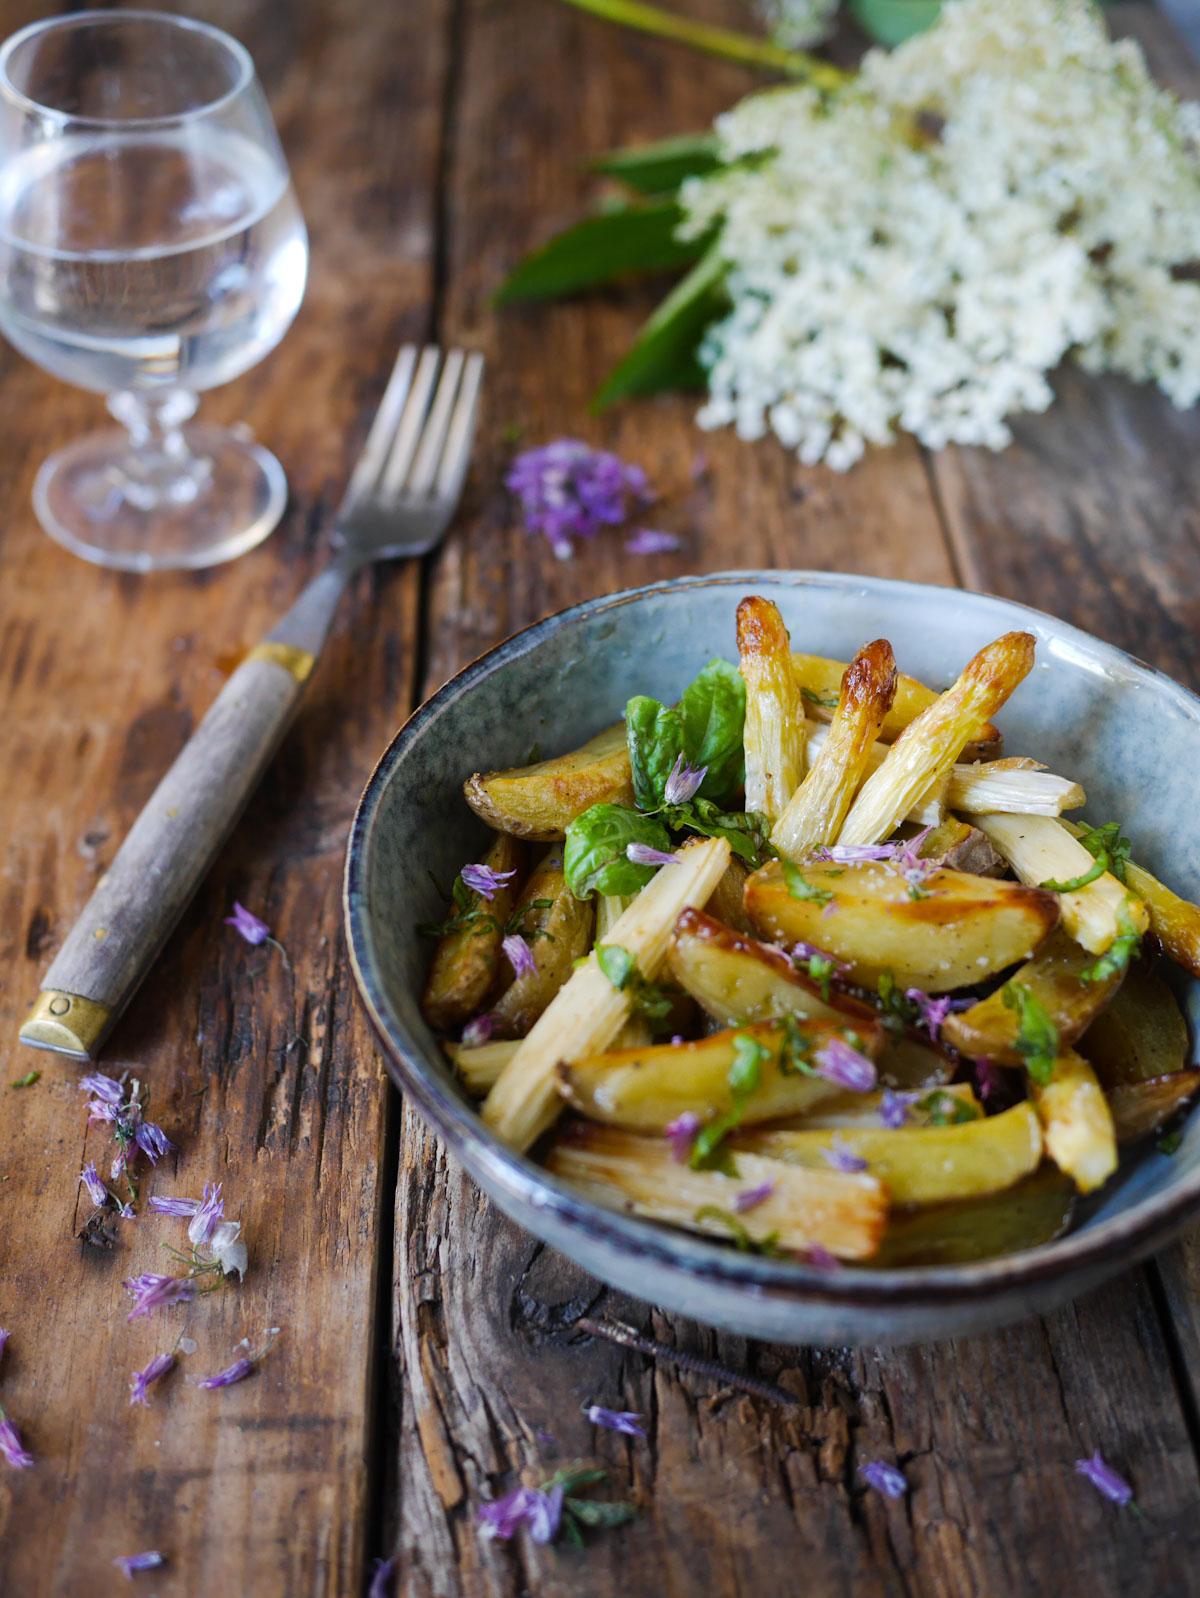 asperges blanches au four et pommes de terre rôties